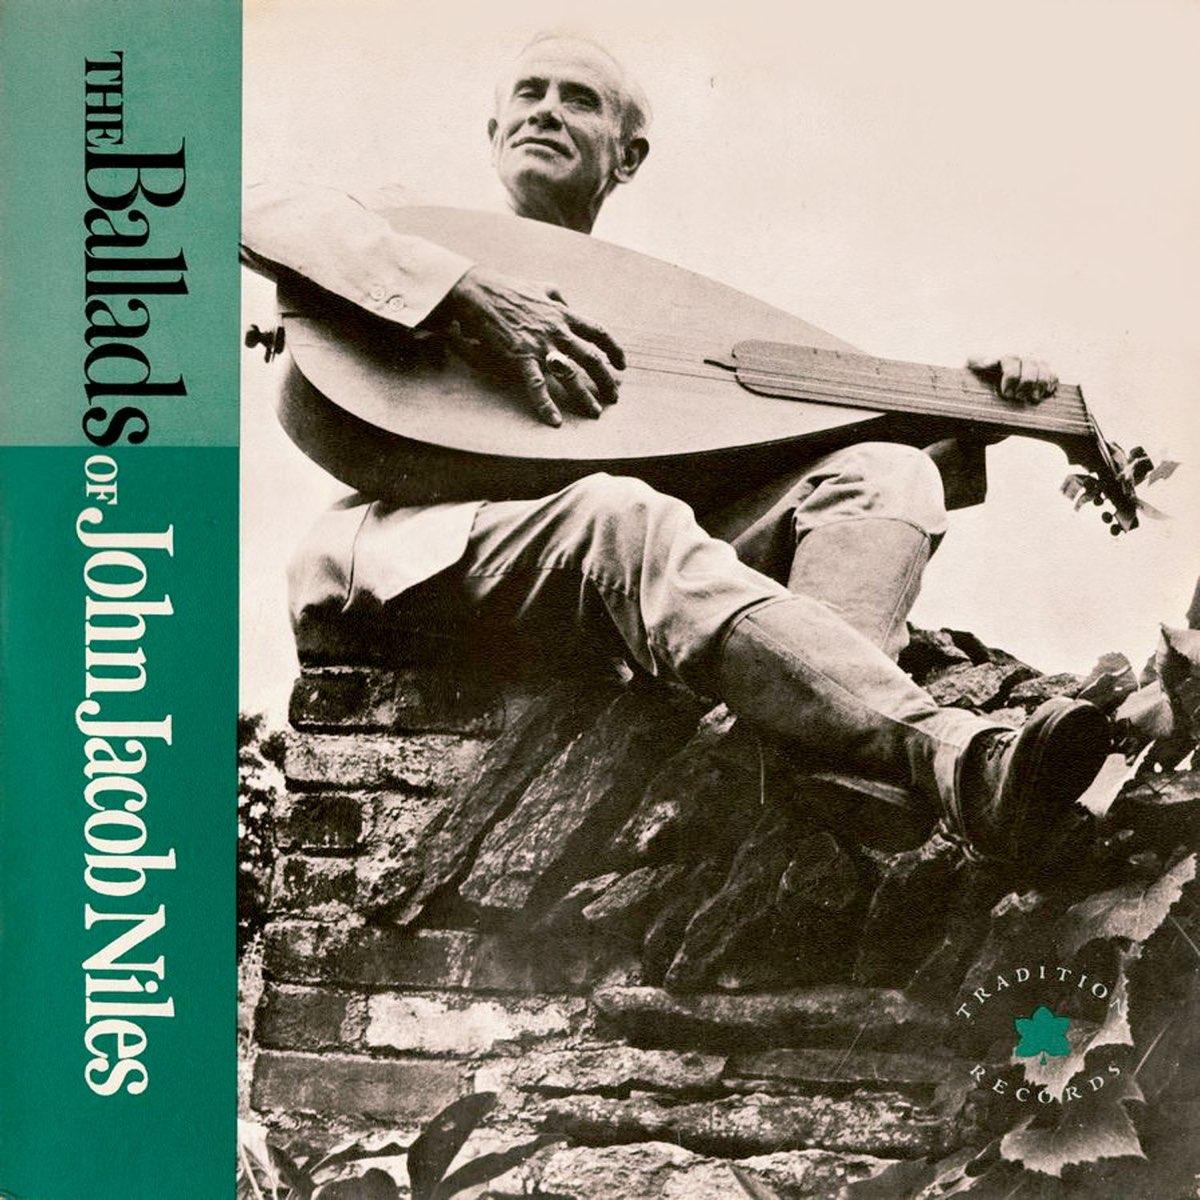 ジョン・J.ナイルズの「The Ballads of John Jacob Niles」をApple Musicで